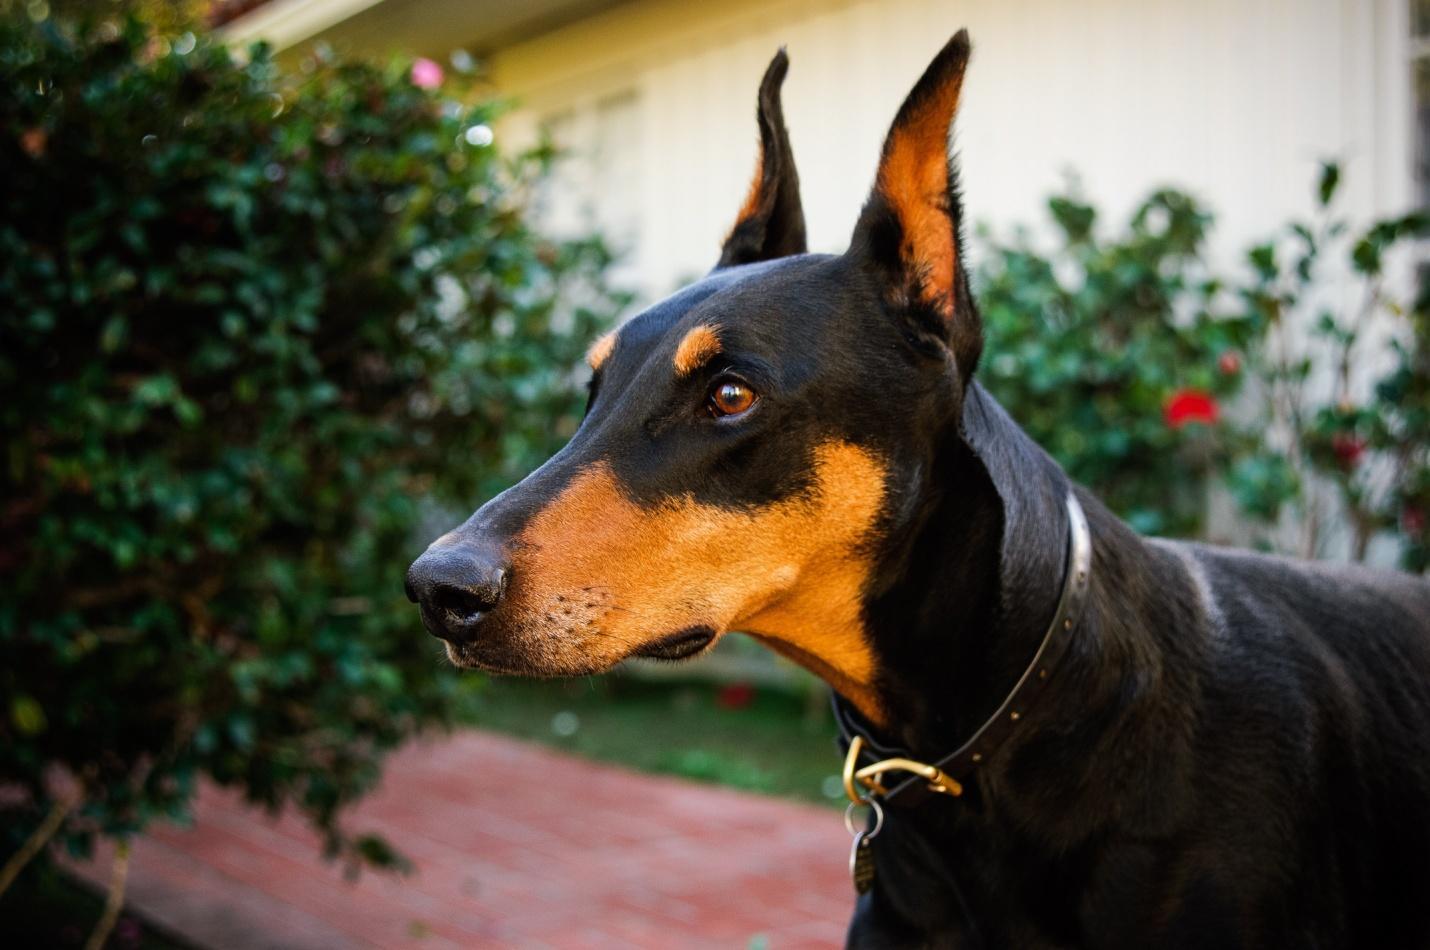 C:\Users\user\Desktop\doberman-pinscher-dog-breed-pictures-1.jpg